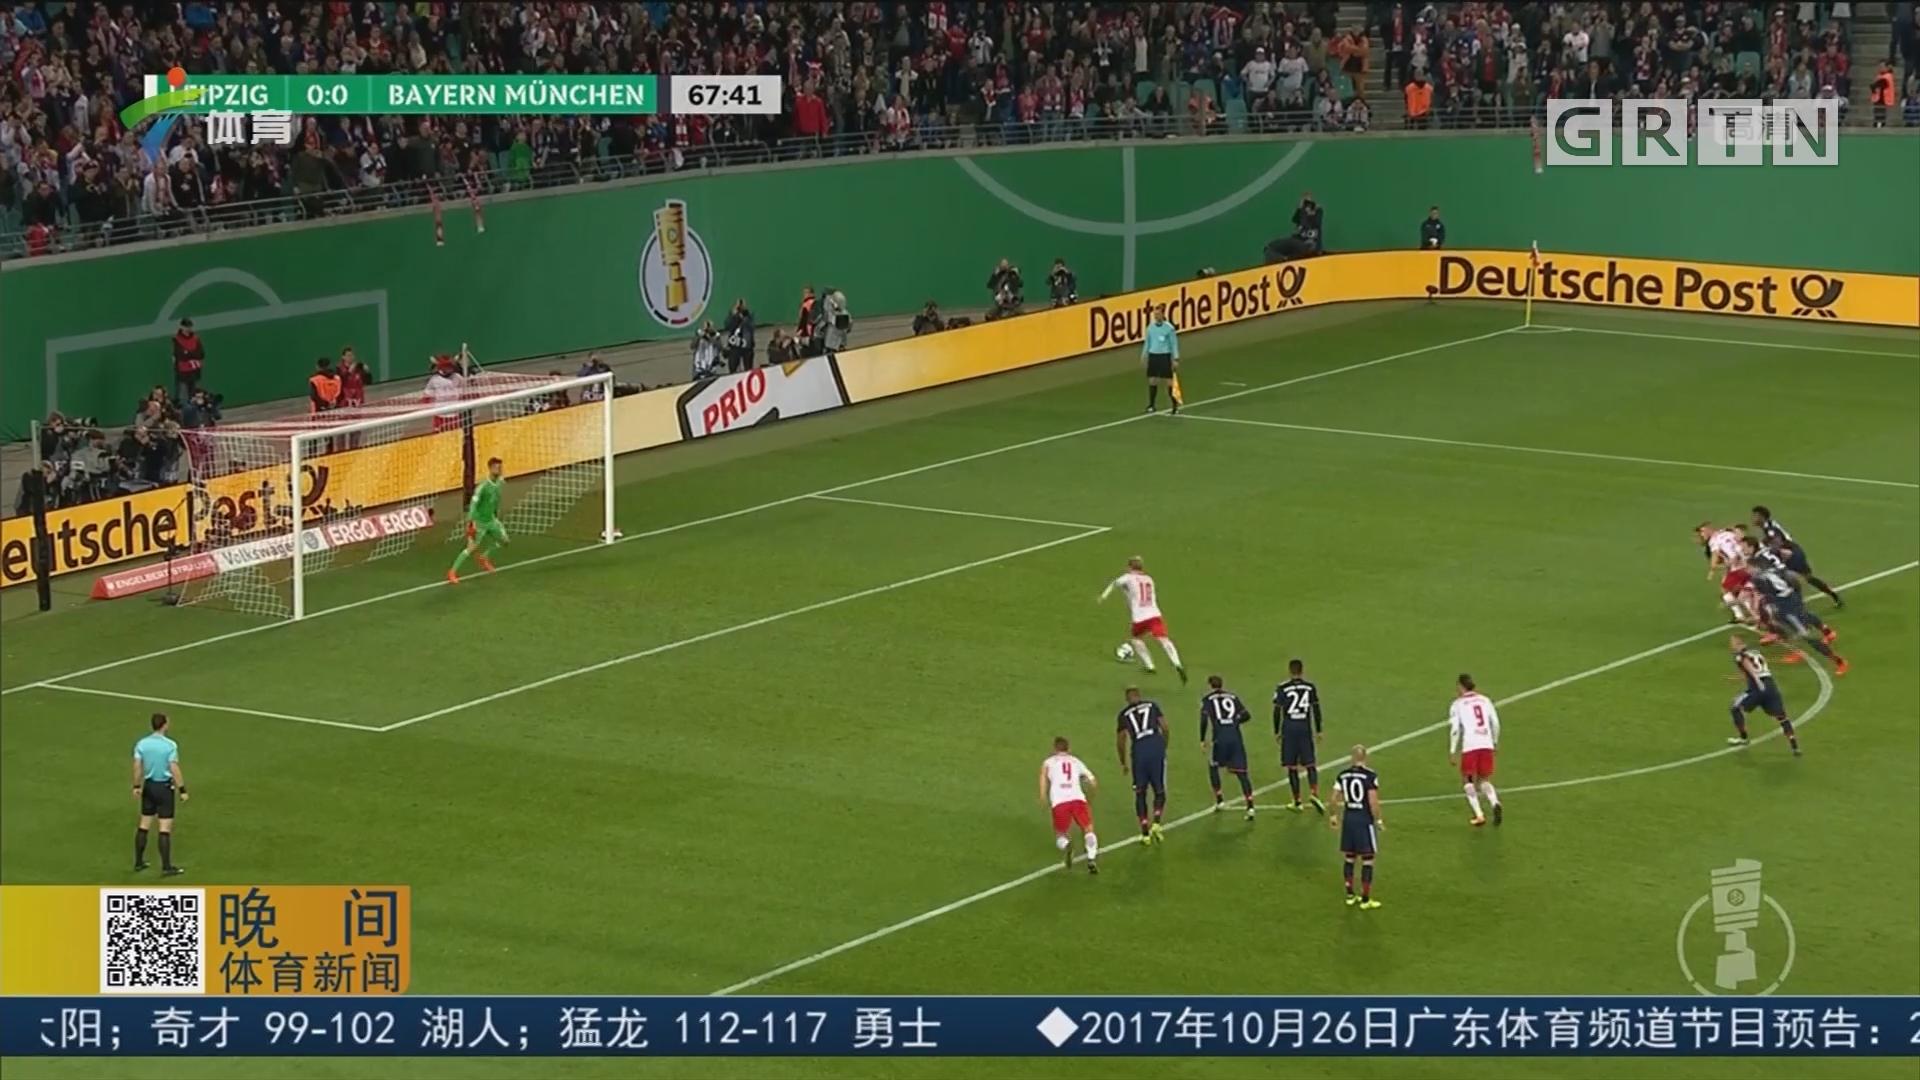 德国杯 拜仁点杀莱比锡